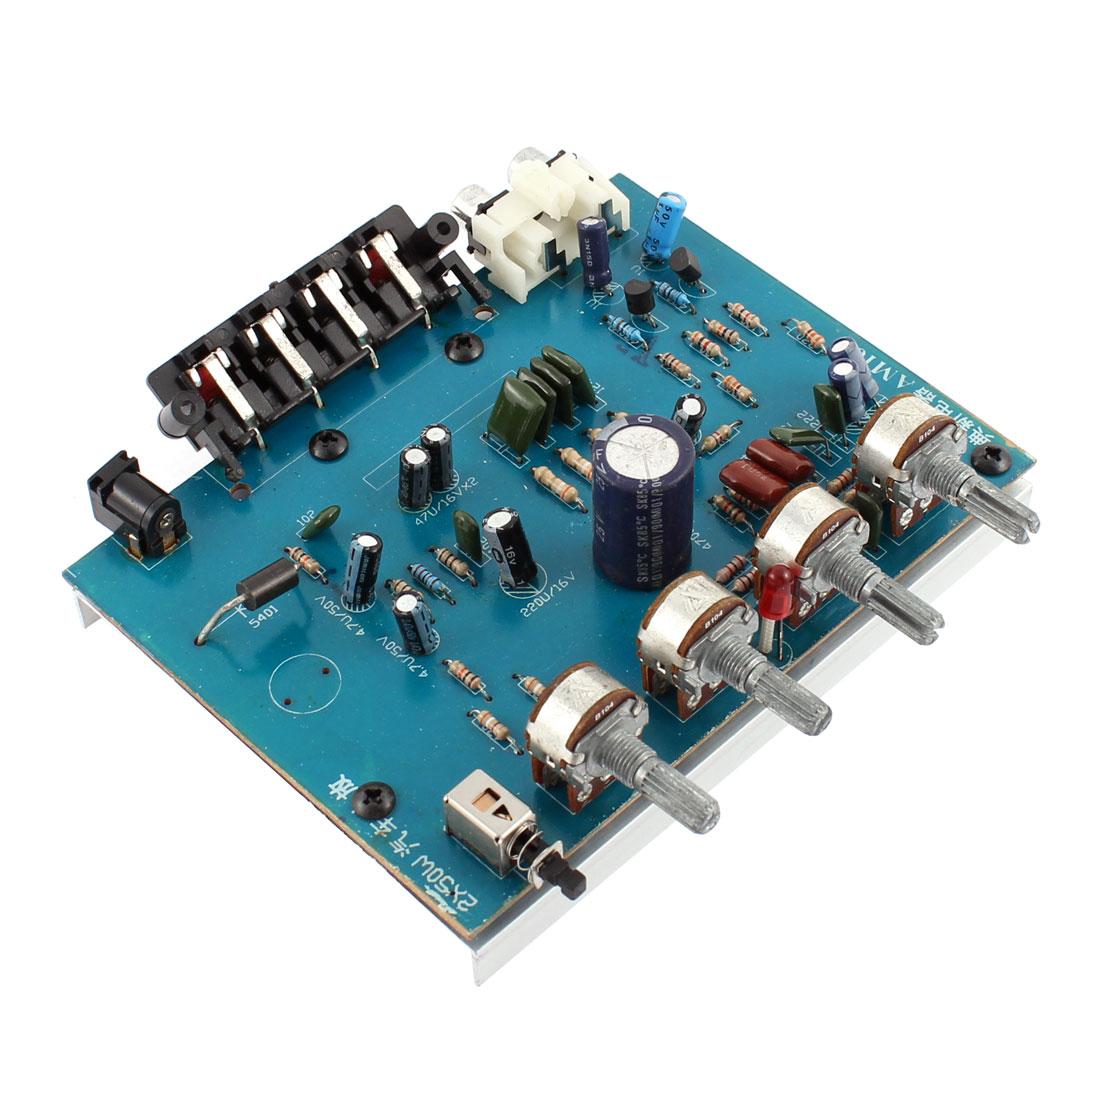 DC 12V 50W LFE Subwoofer Audio Hi-Fi 2 Channel Car Boat Stereo Power Amplifier Board